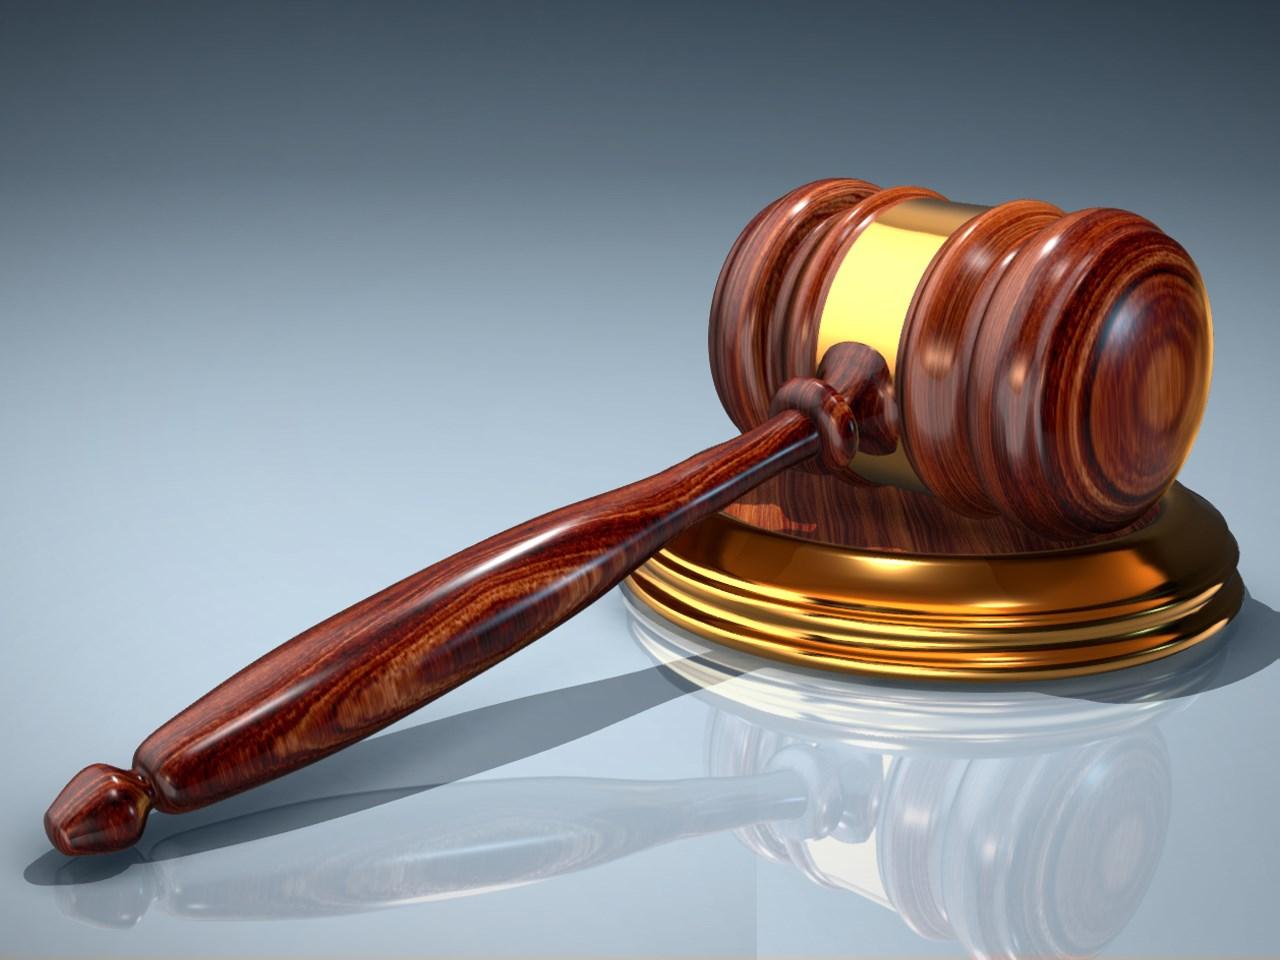 Court_1531355061617.jpg